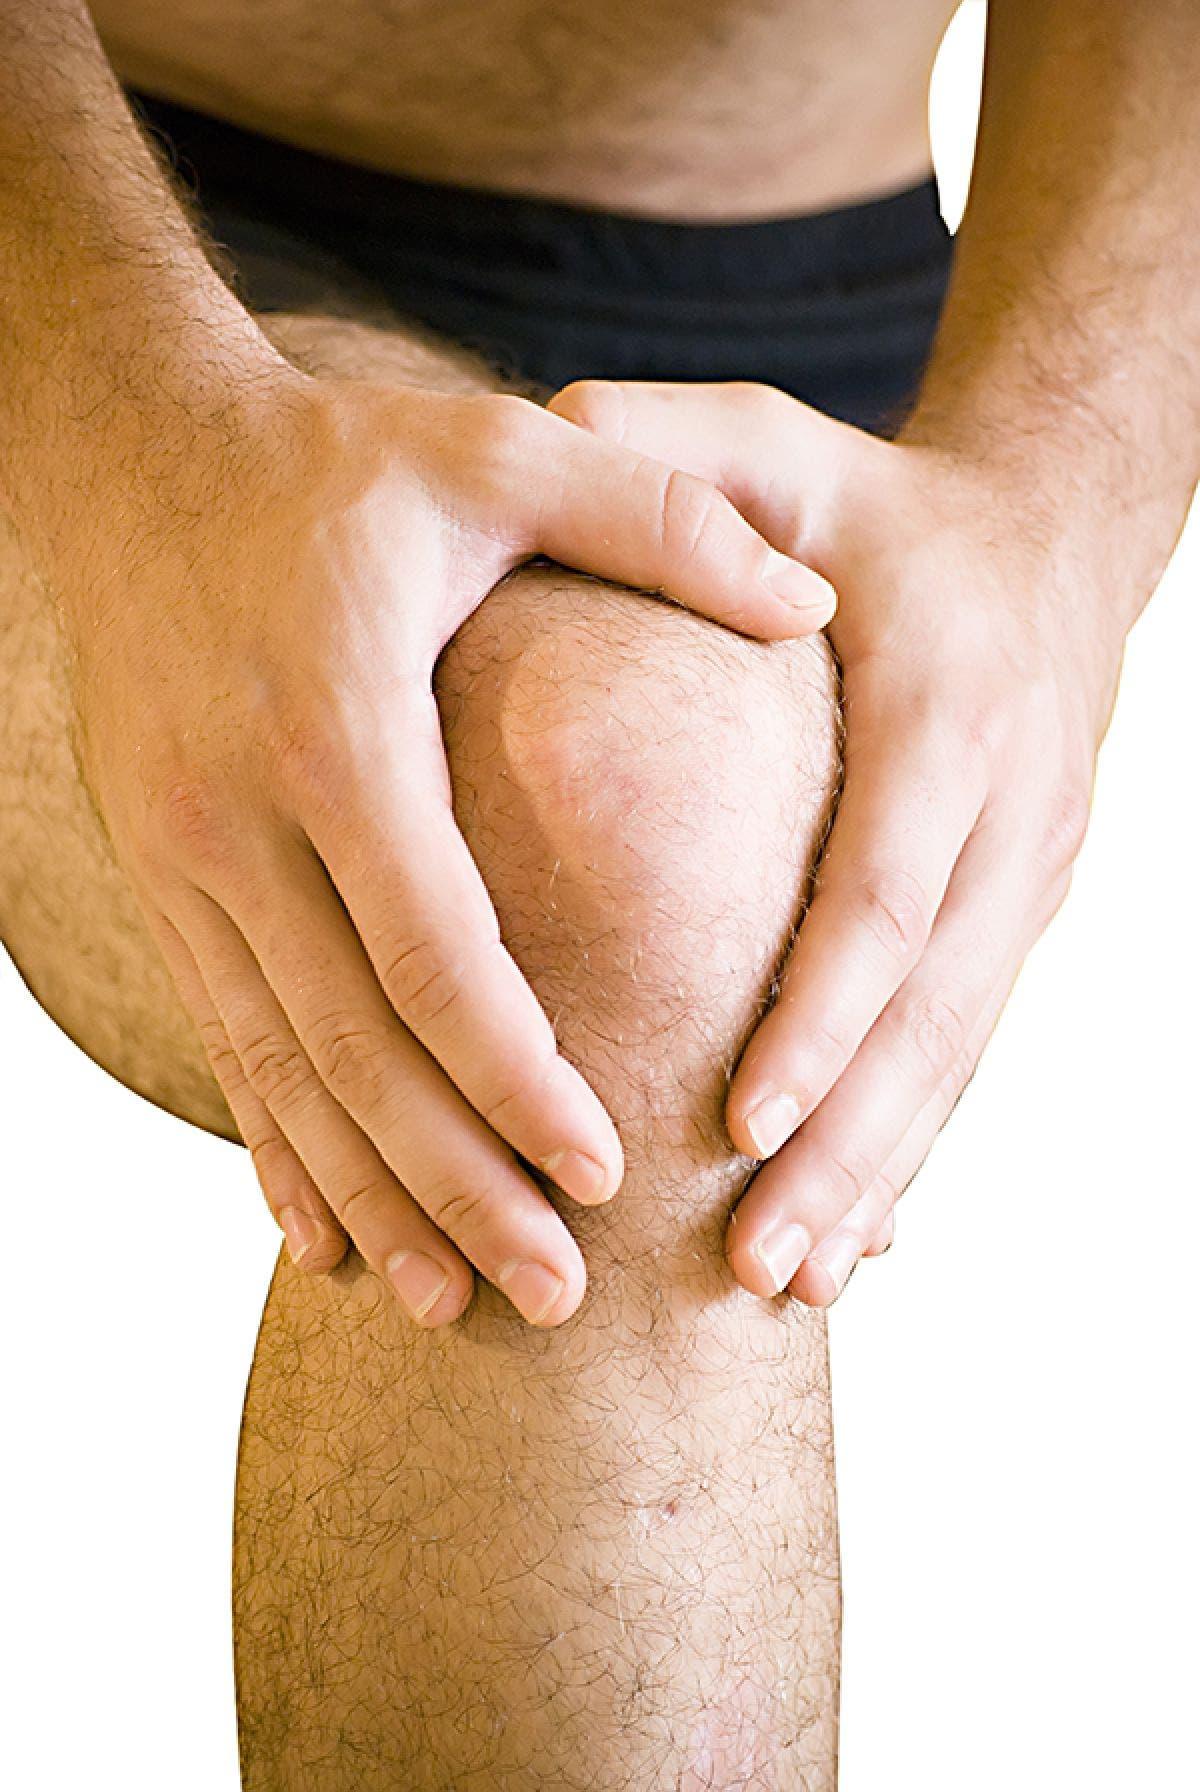 que es bueno para los moretones en la rodilla